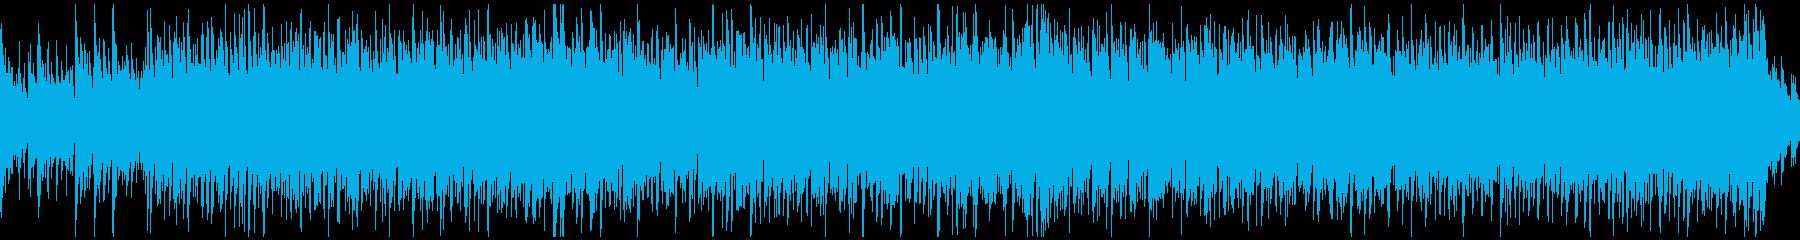 ノリノリで元気なウクレレ曲 ※ループ版の再生済みの波形